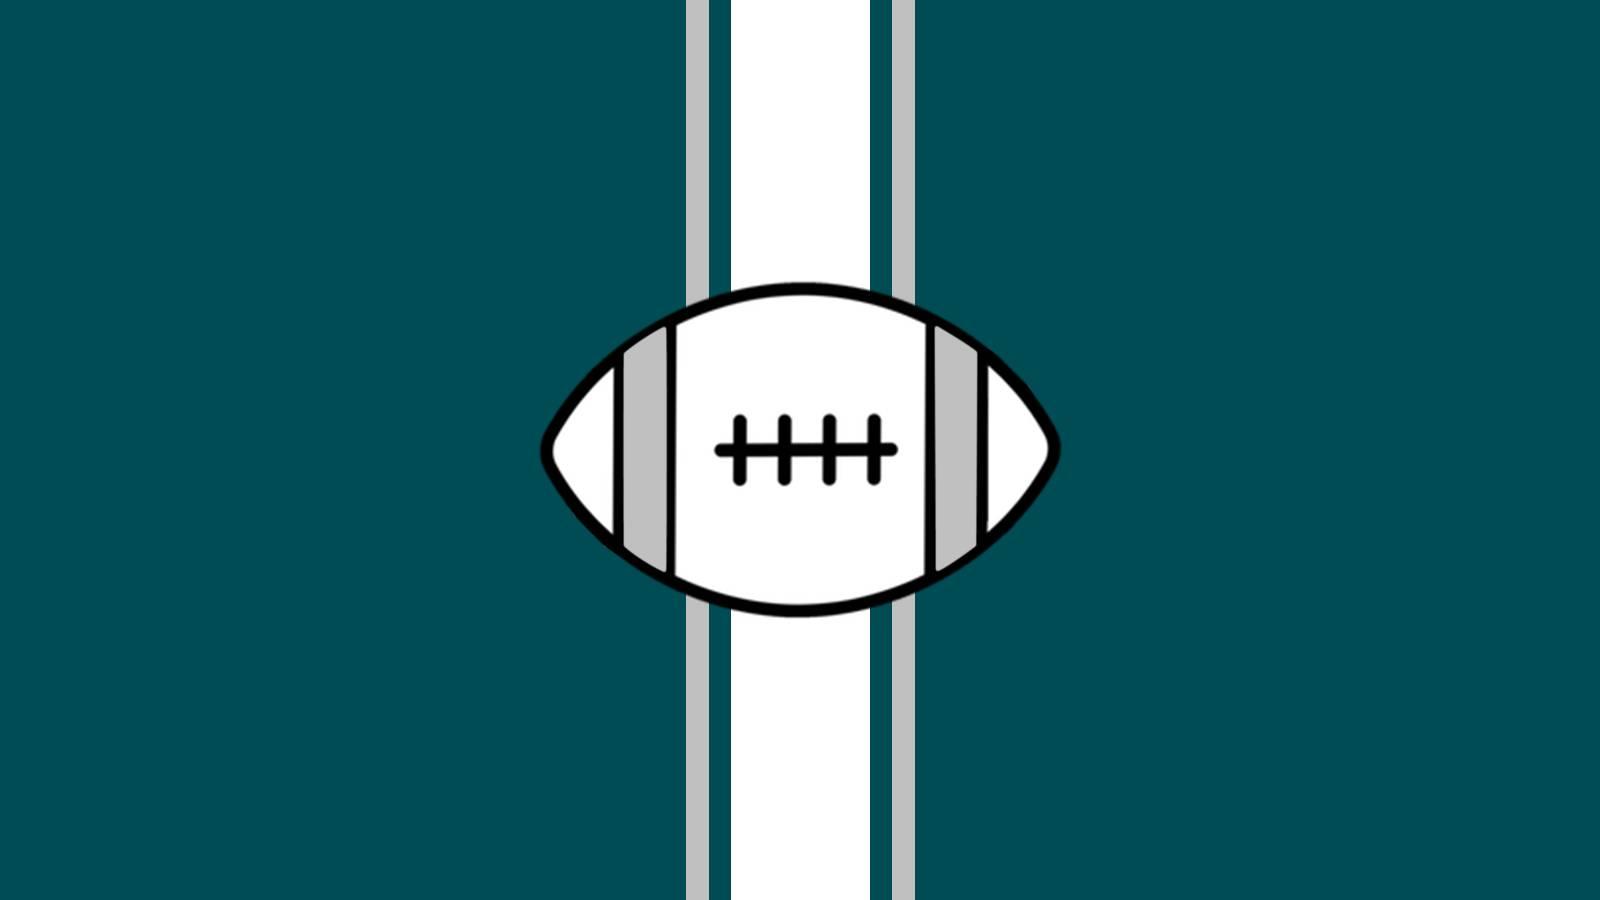 Seattle Seahawks at Philadelphia Eagles (Monday Night Football)